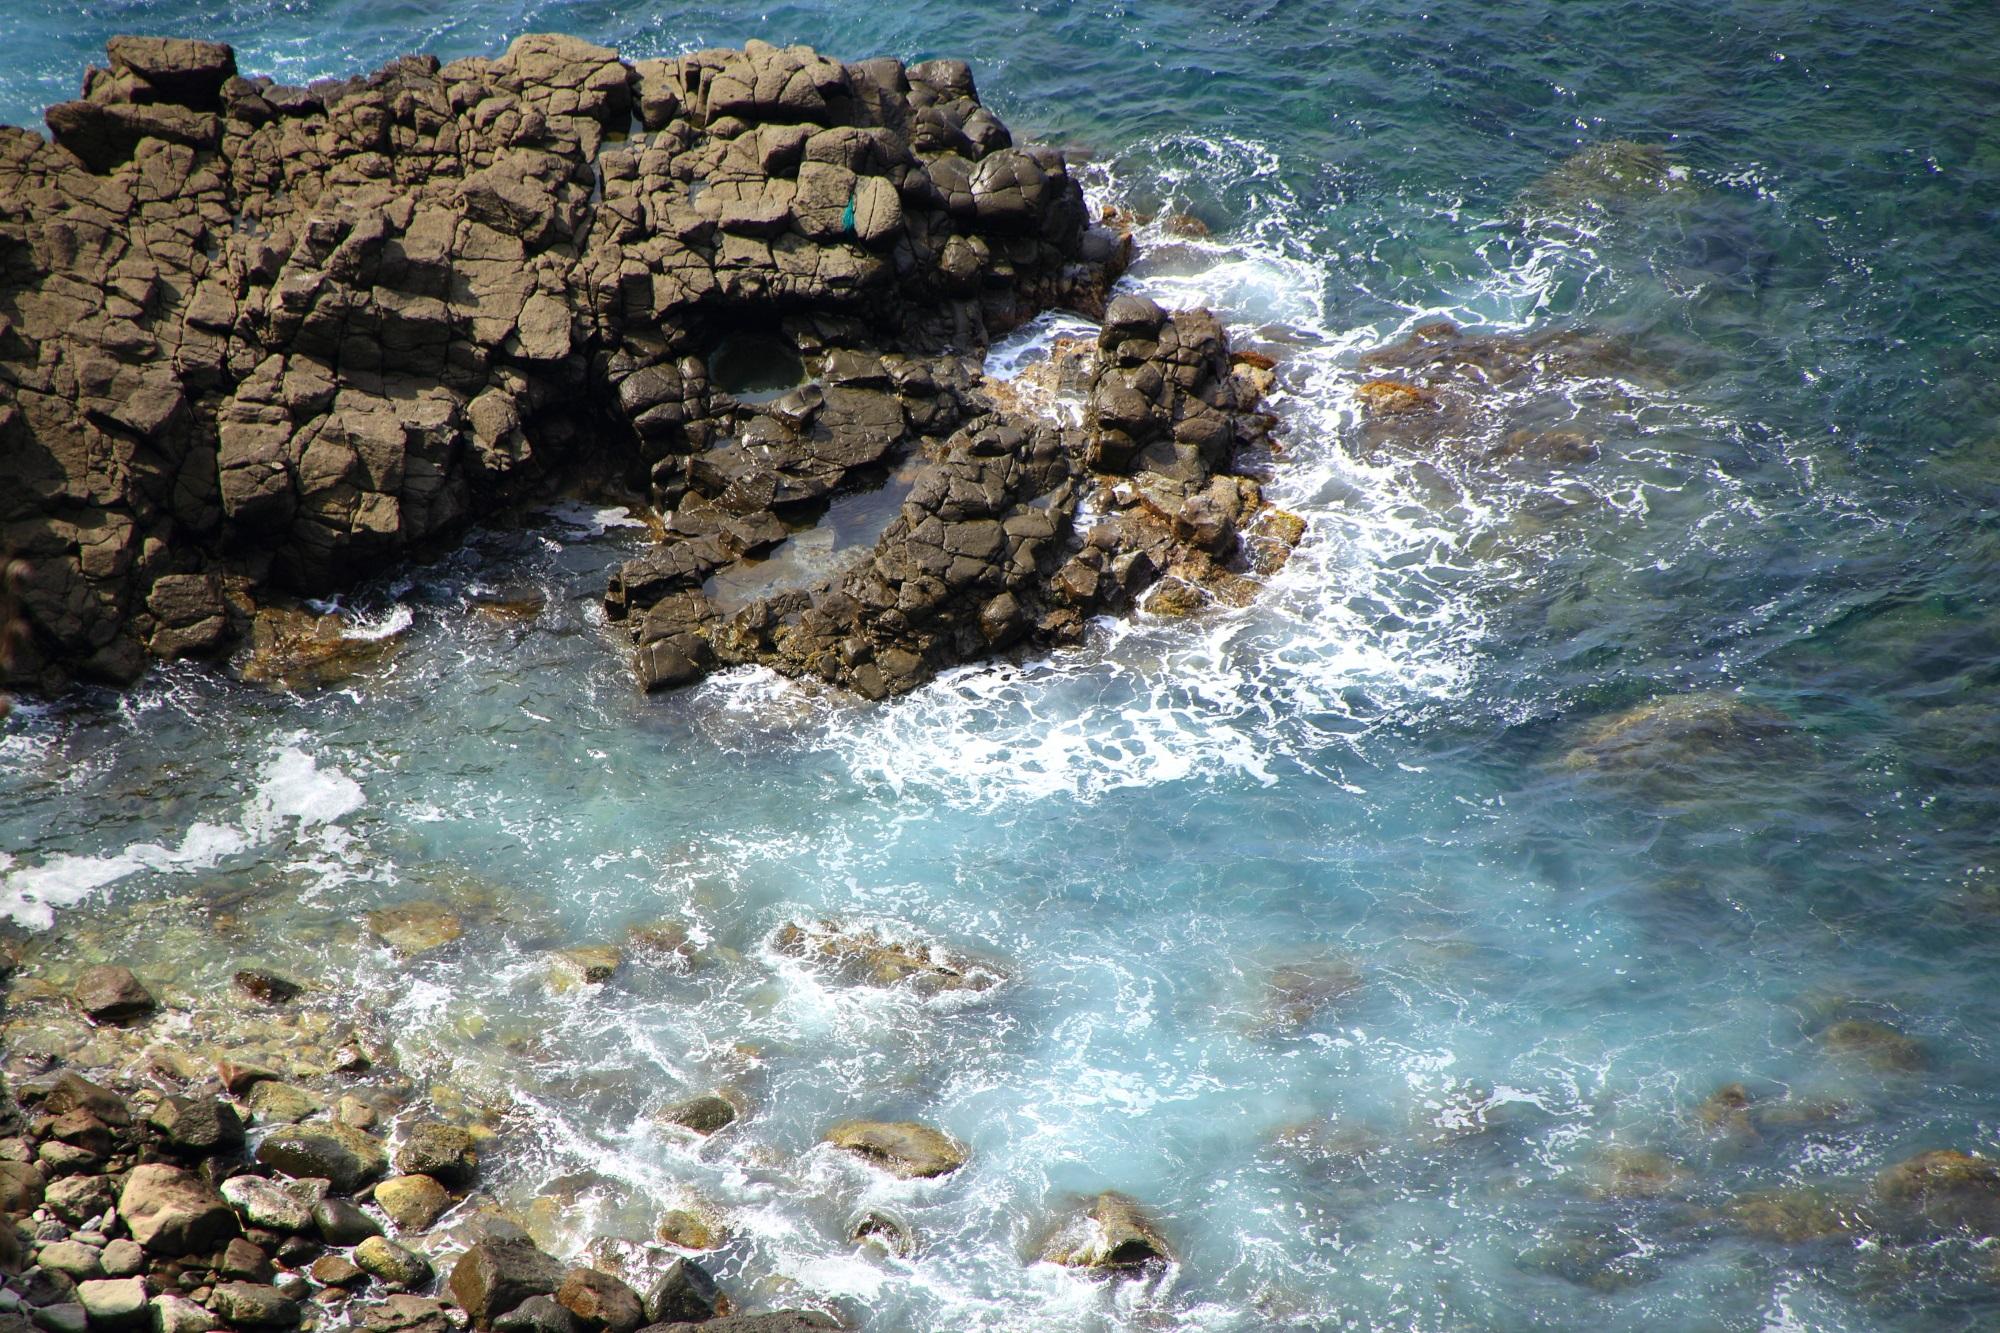 犬ヶ岬の岩に当たって弾け飛ぶ美しい白波